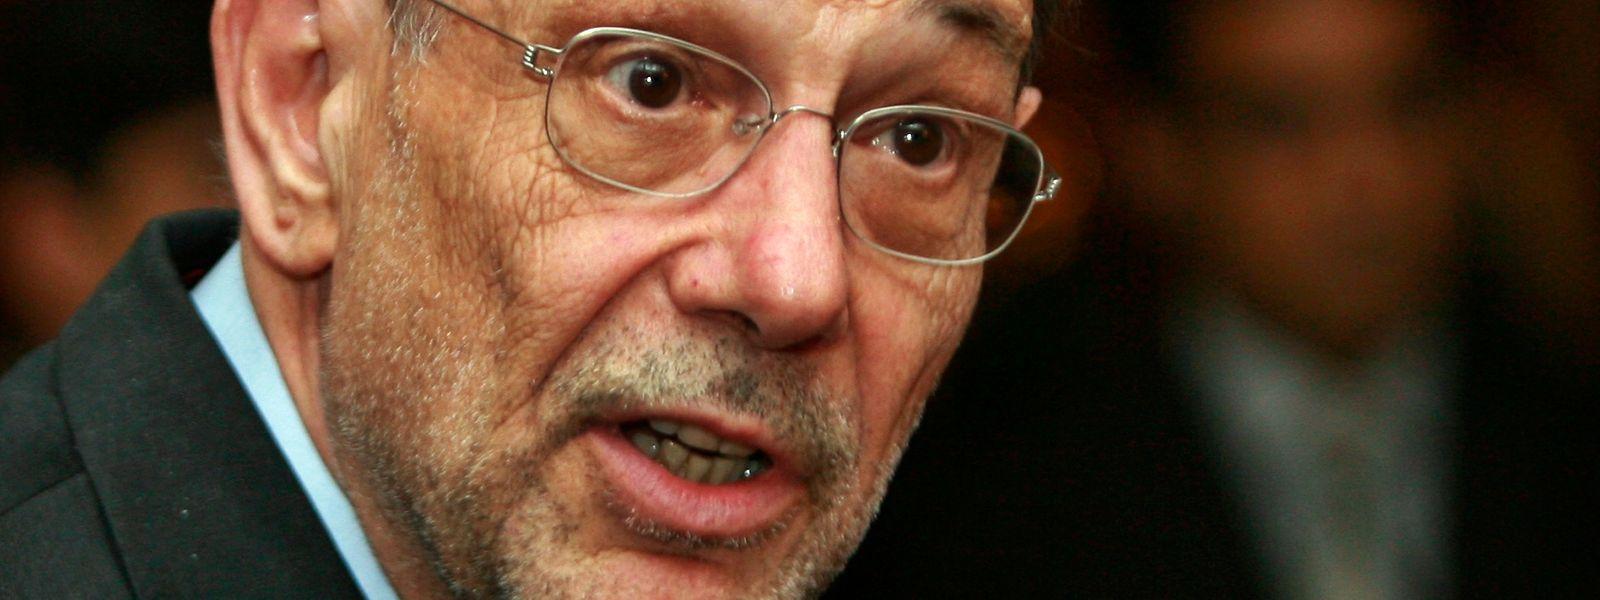 Javier Solana war zwischen 1995 und 1999 Nato-Generalsekretär.